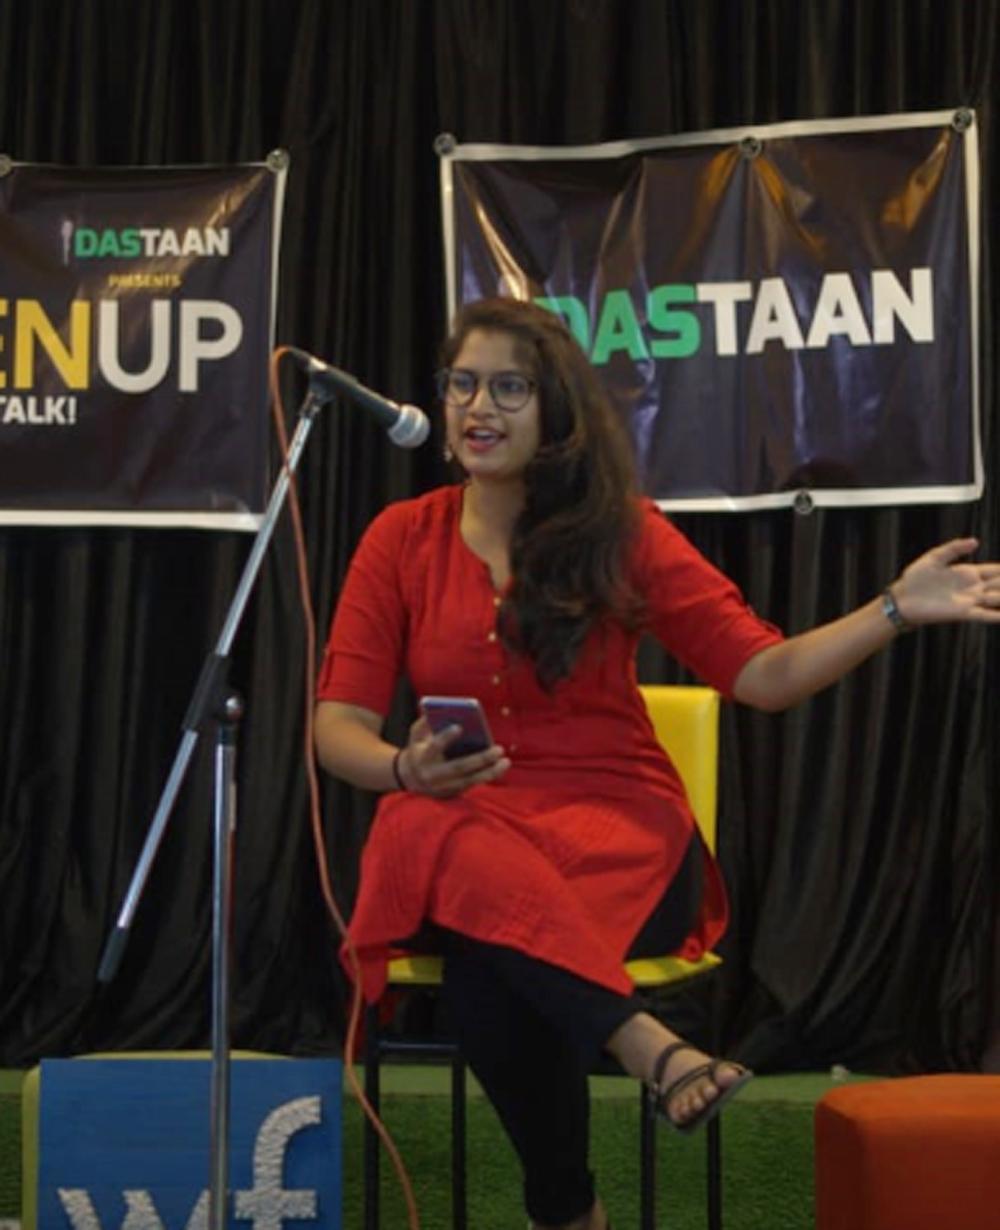 Jhabua News-प्रदेश स्तरीय काव्य स्पर्धा में झाबुआ की भूमिका डोसी ने मारी बाजी